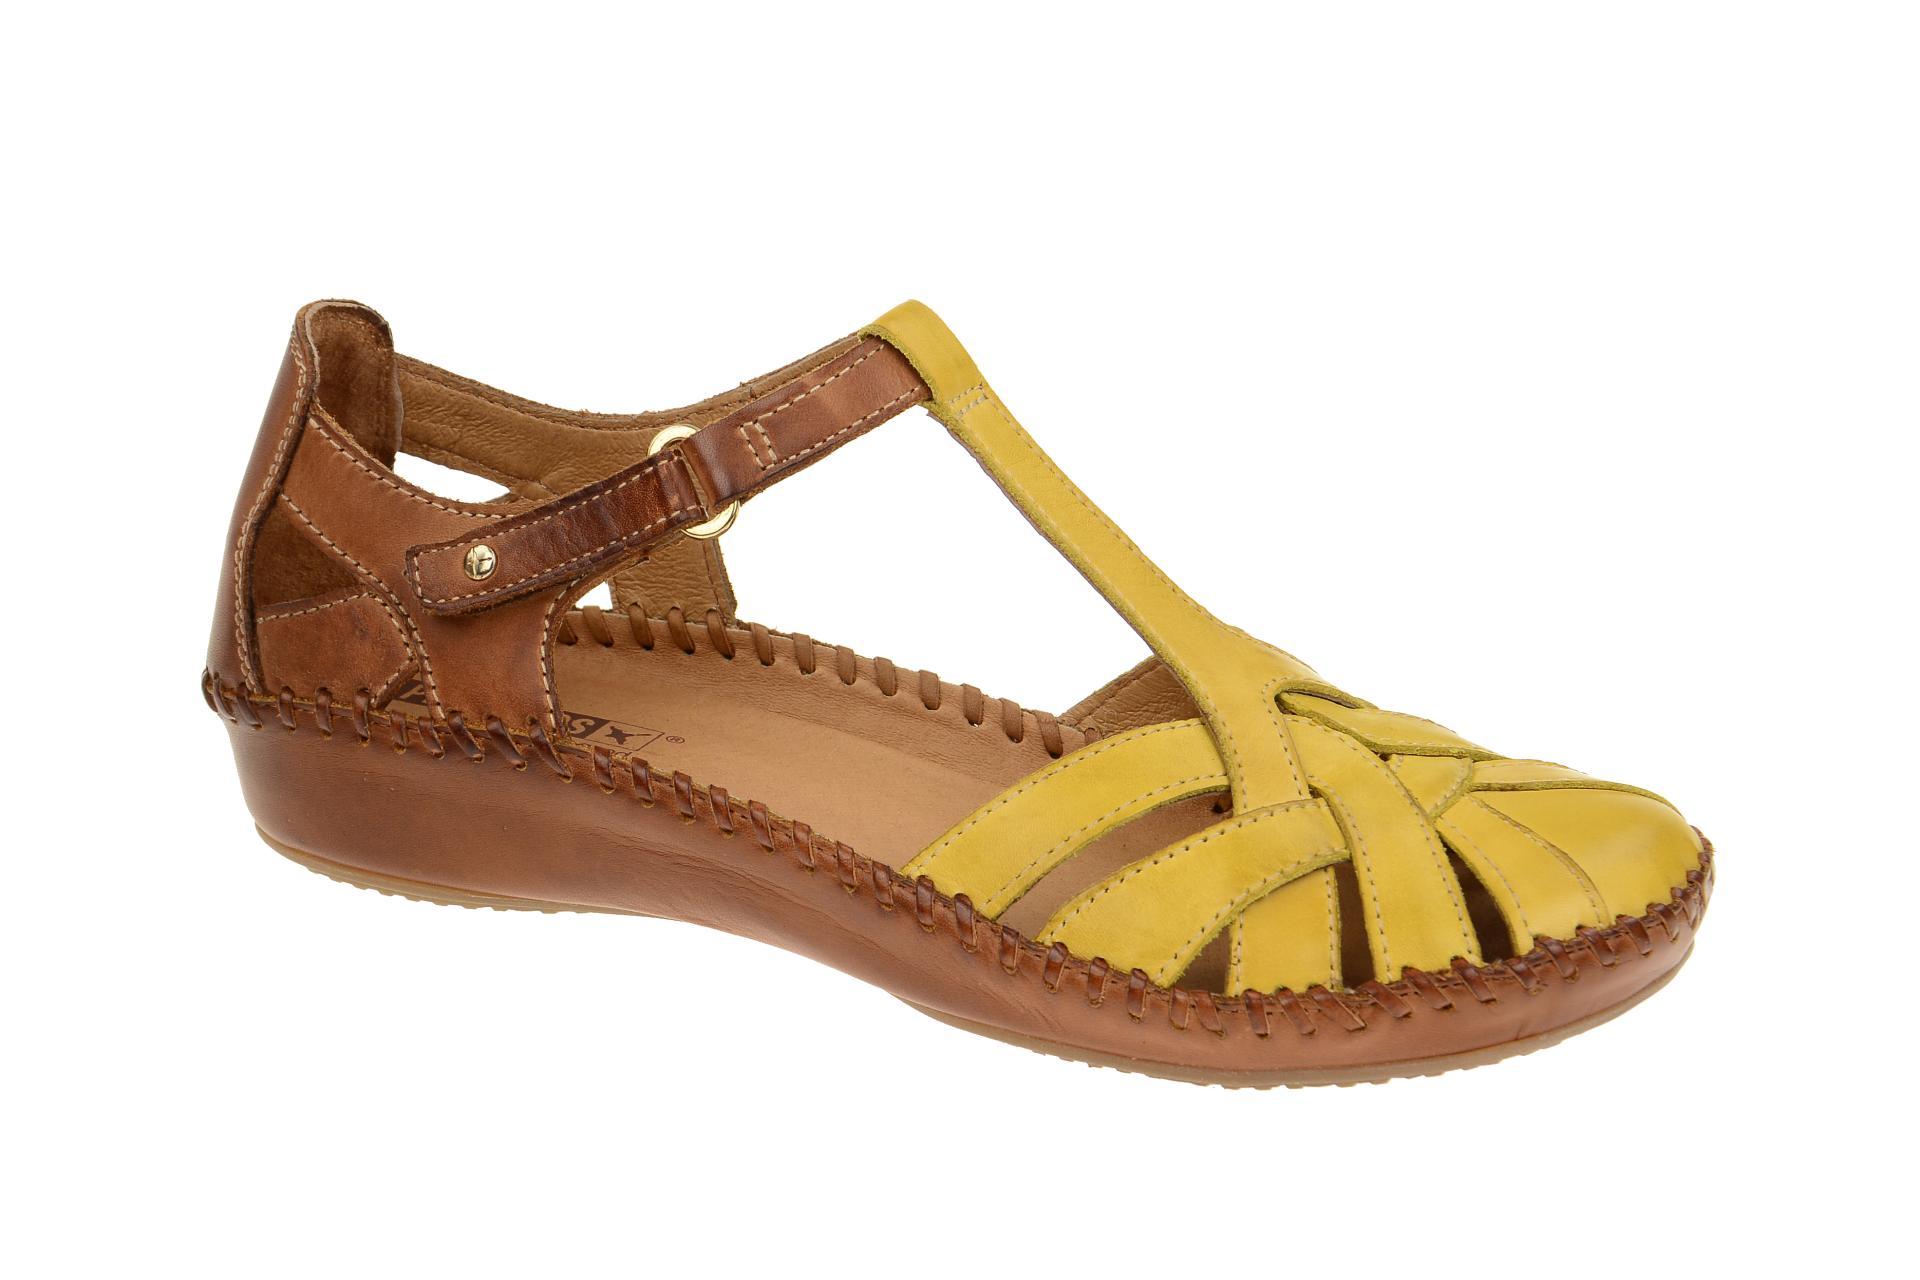 Pikolinos Vallarta Sandale braun 655-8312 Billig Bester Großhandel Der Günstigste Günstige Preis 9EmyU